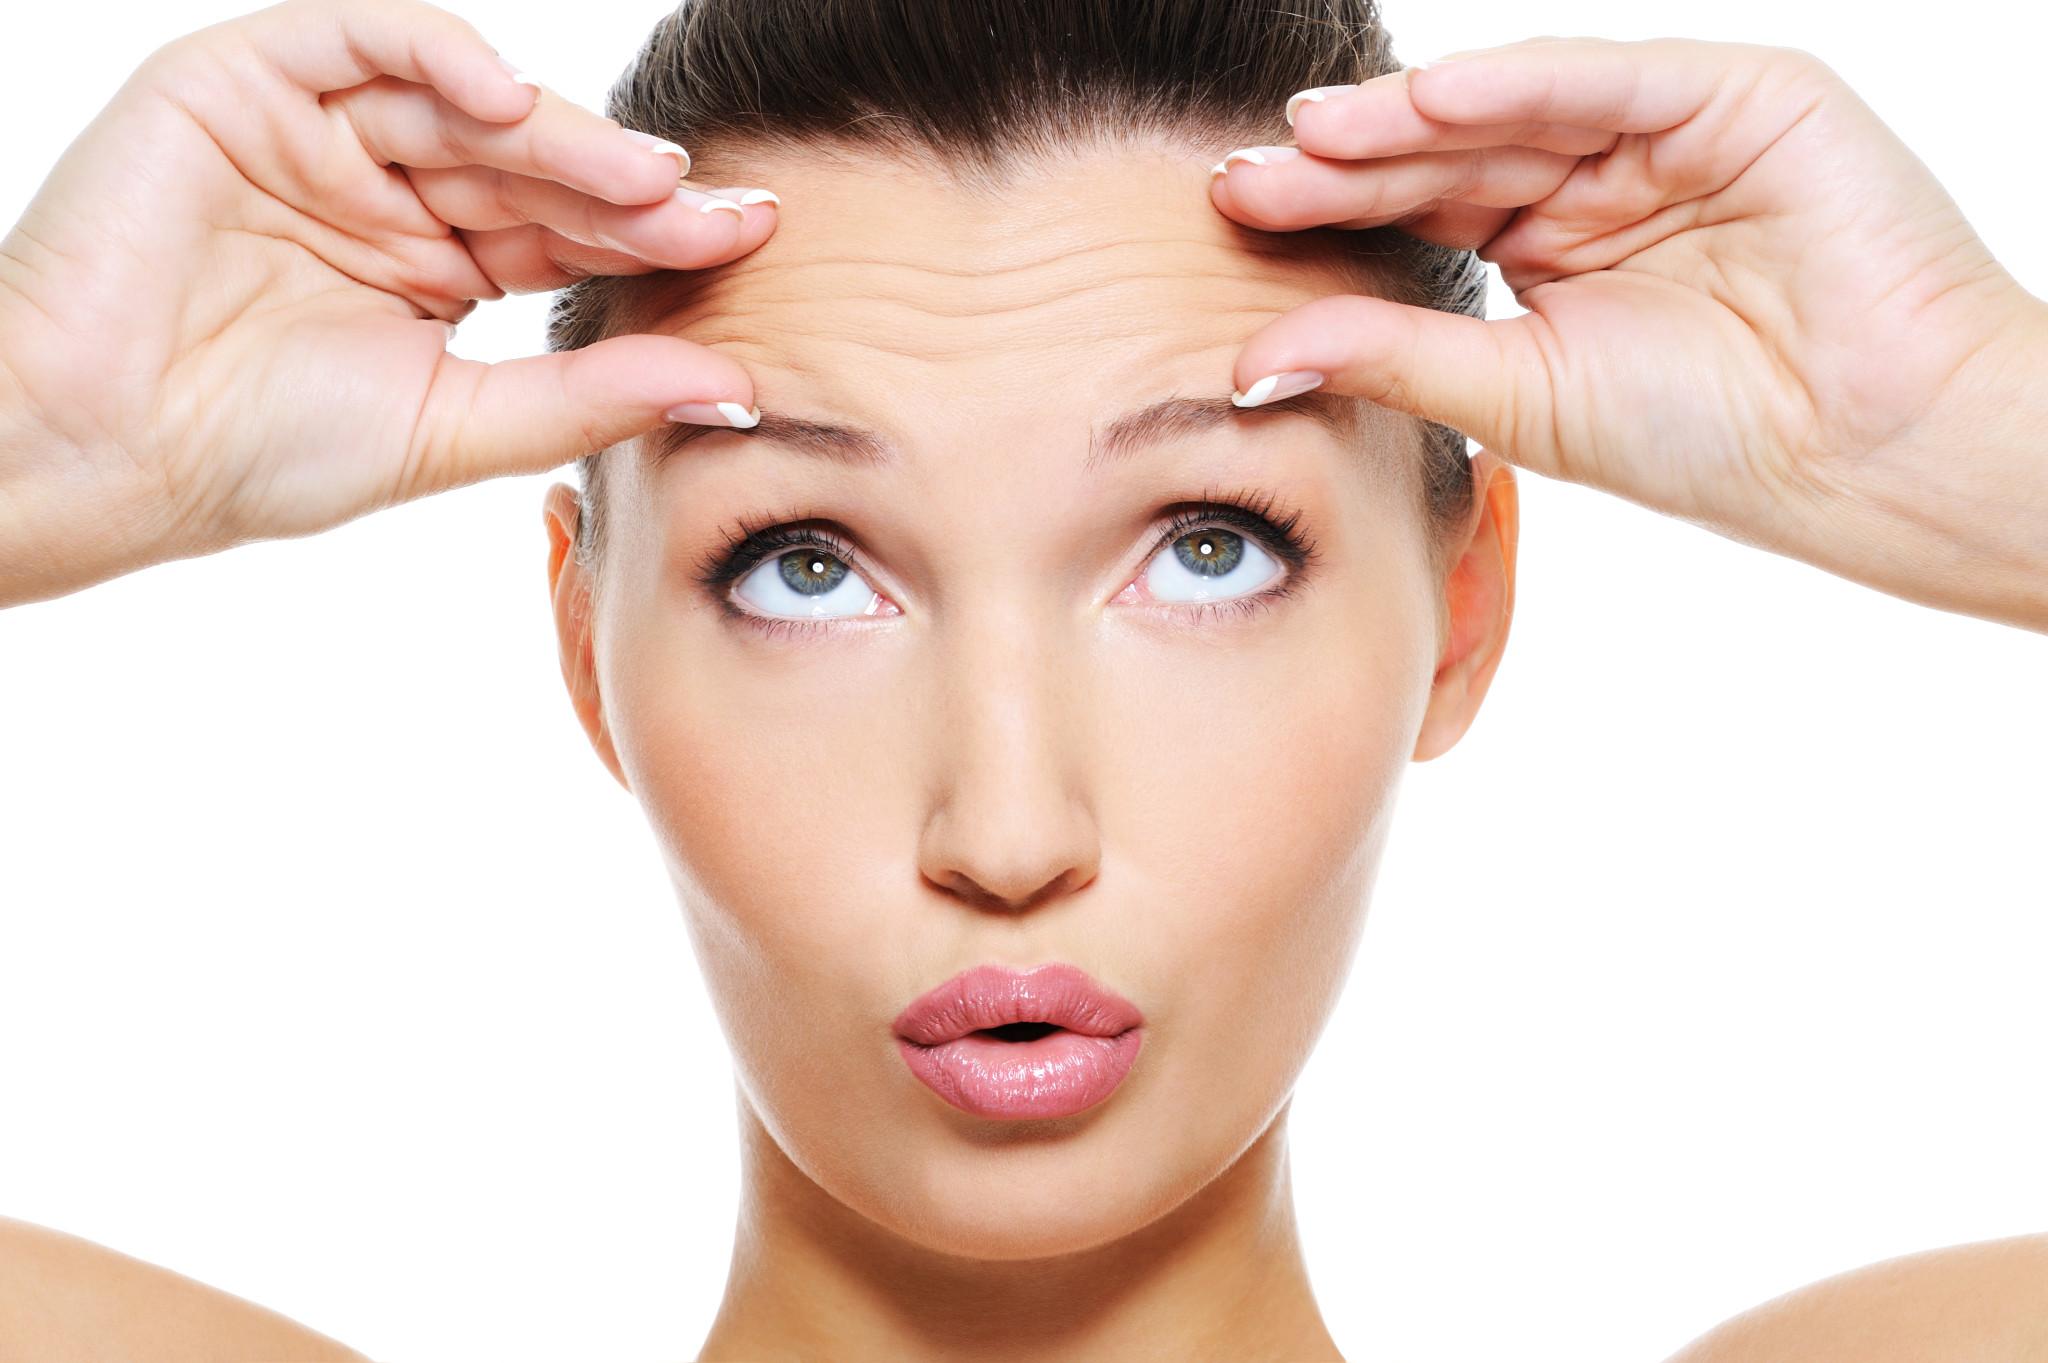 Botox Nedir Bir Botox Prosedürü Nasıl Yapılır Botox'un Yan Etkileri Nelerdir 2018